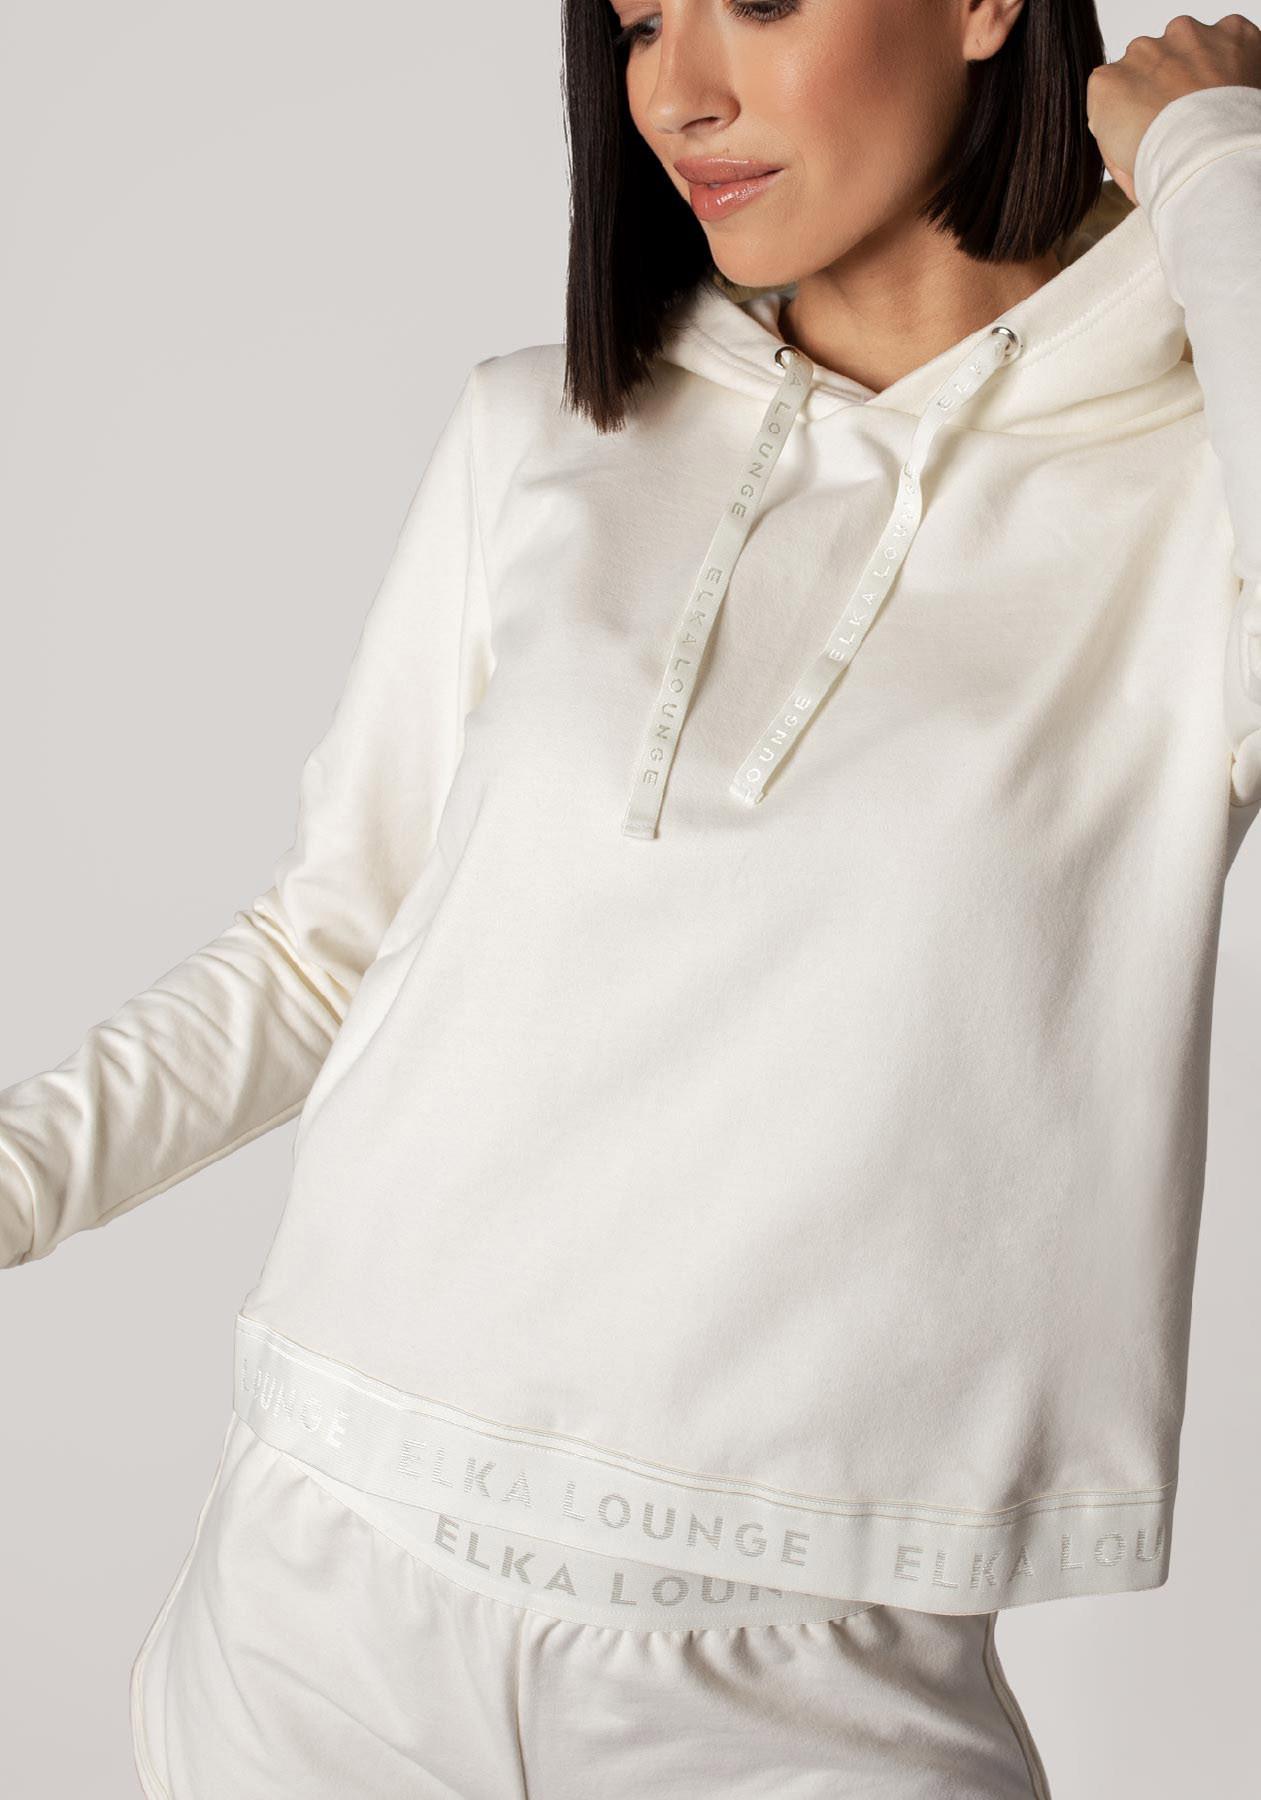 Women-shorts,sweatshirt-ELKA-Lounge-W00550,555